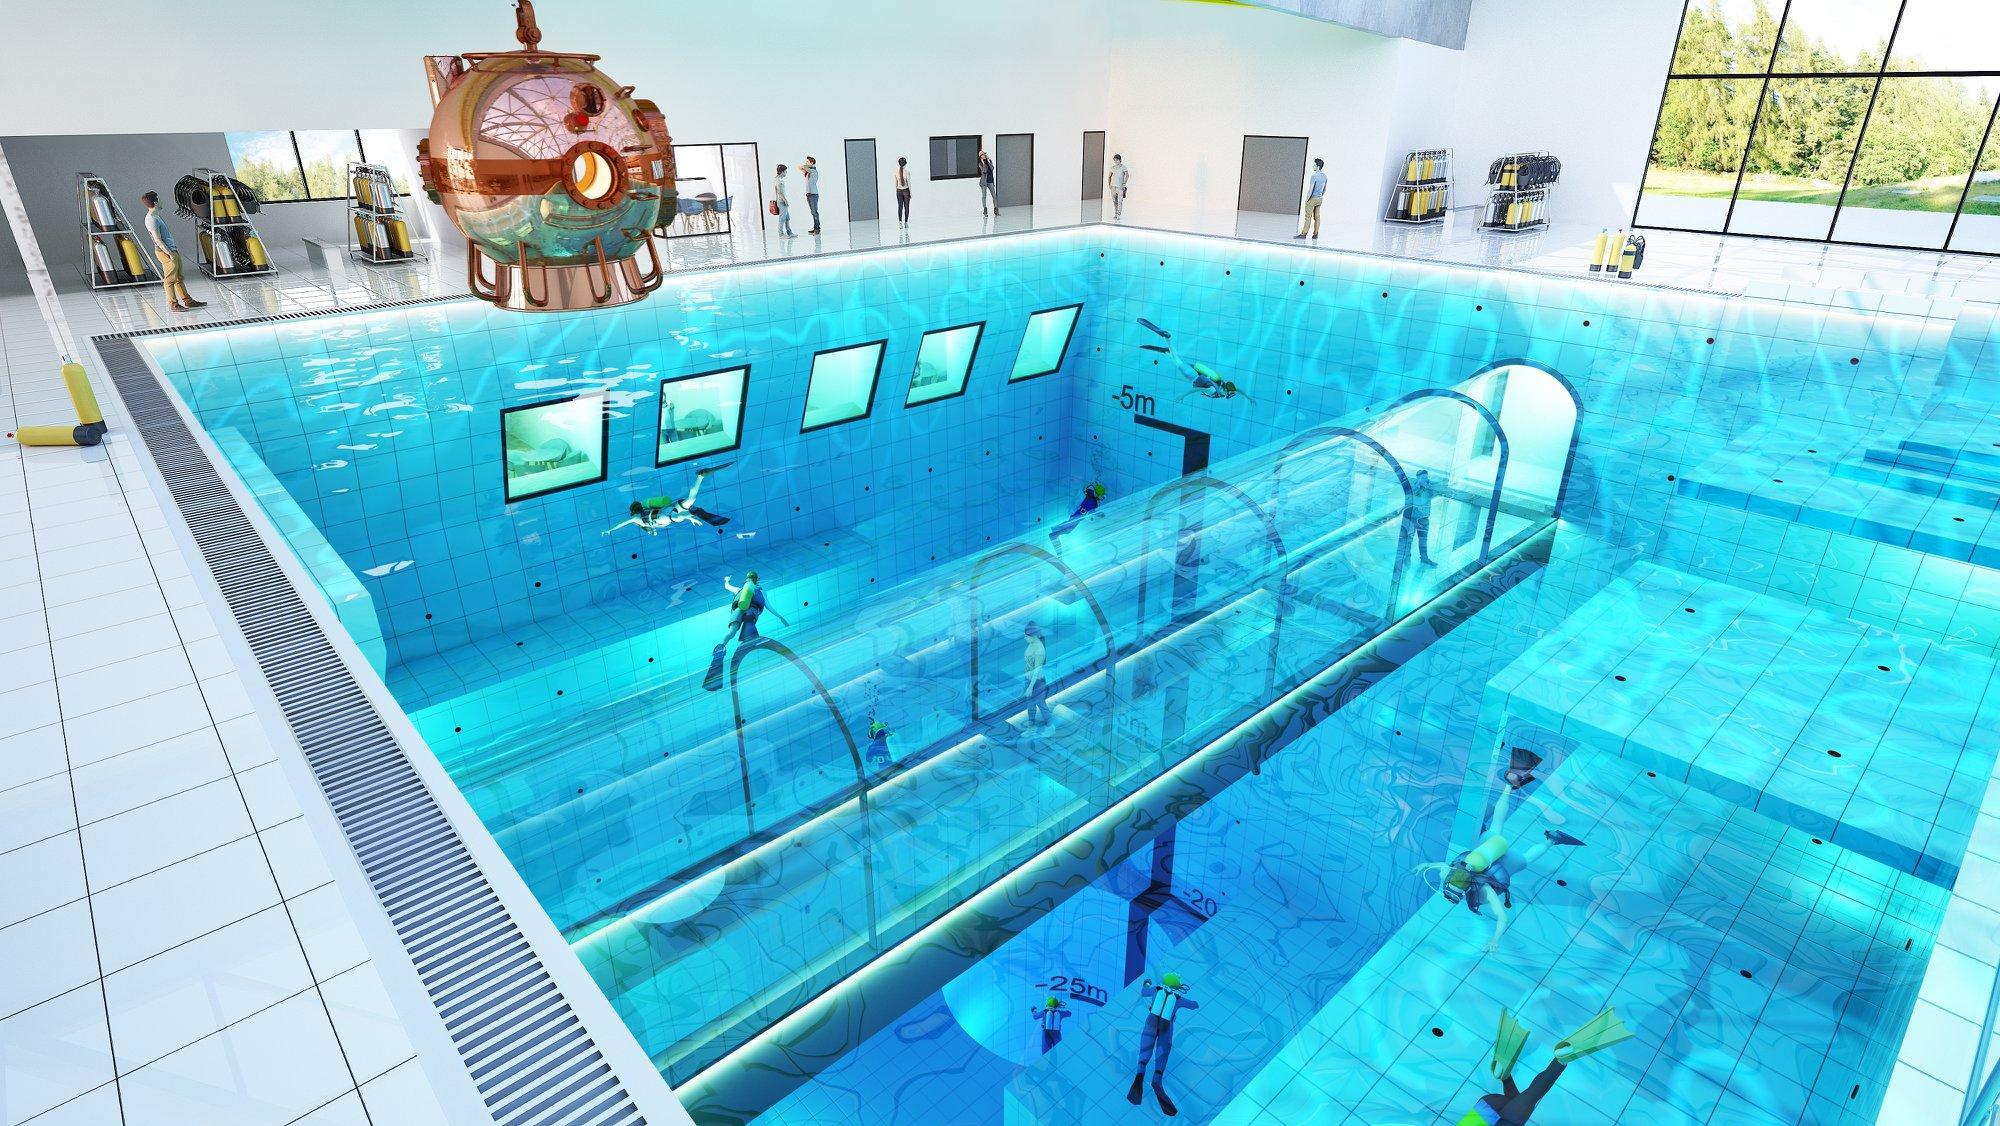 Polonia, in arrivo la piscina più profonda del mondo